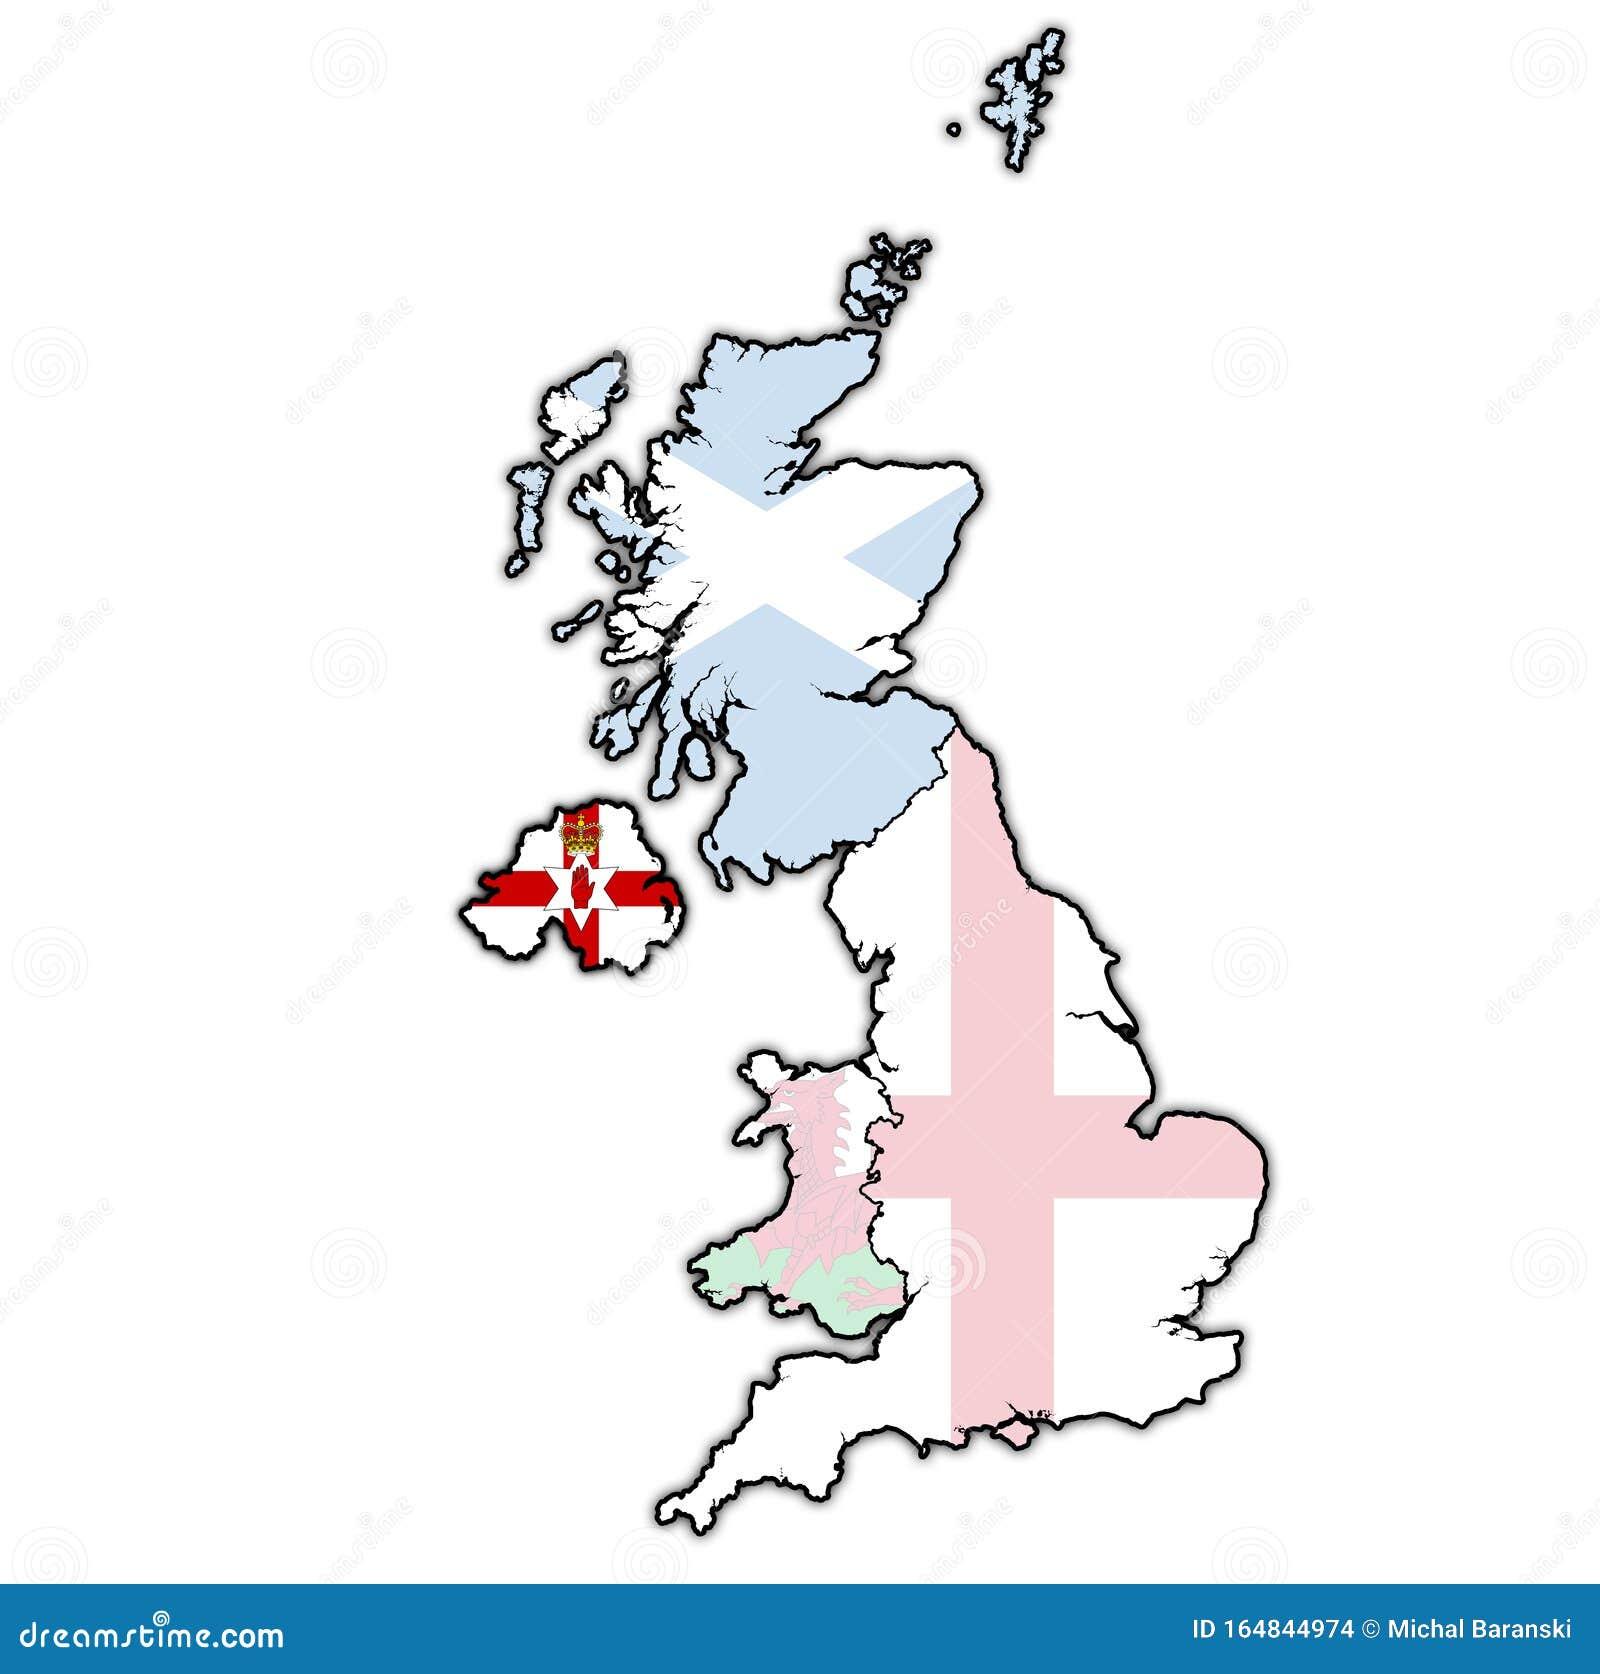 Irlanda Del Norte En El Mapa Político Del Reino Unido Stock De Ilustración Ilustración De Indicador Frontera 164844974